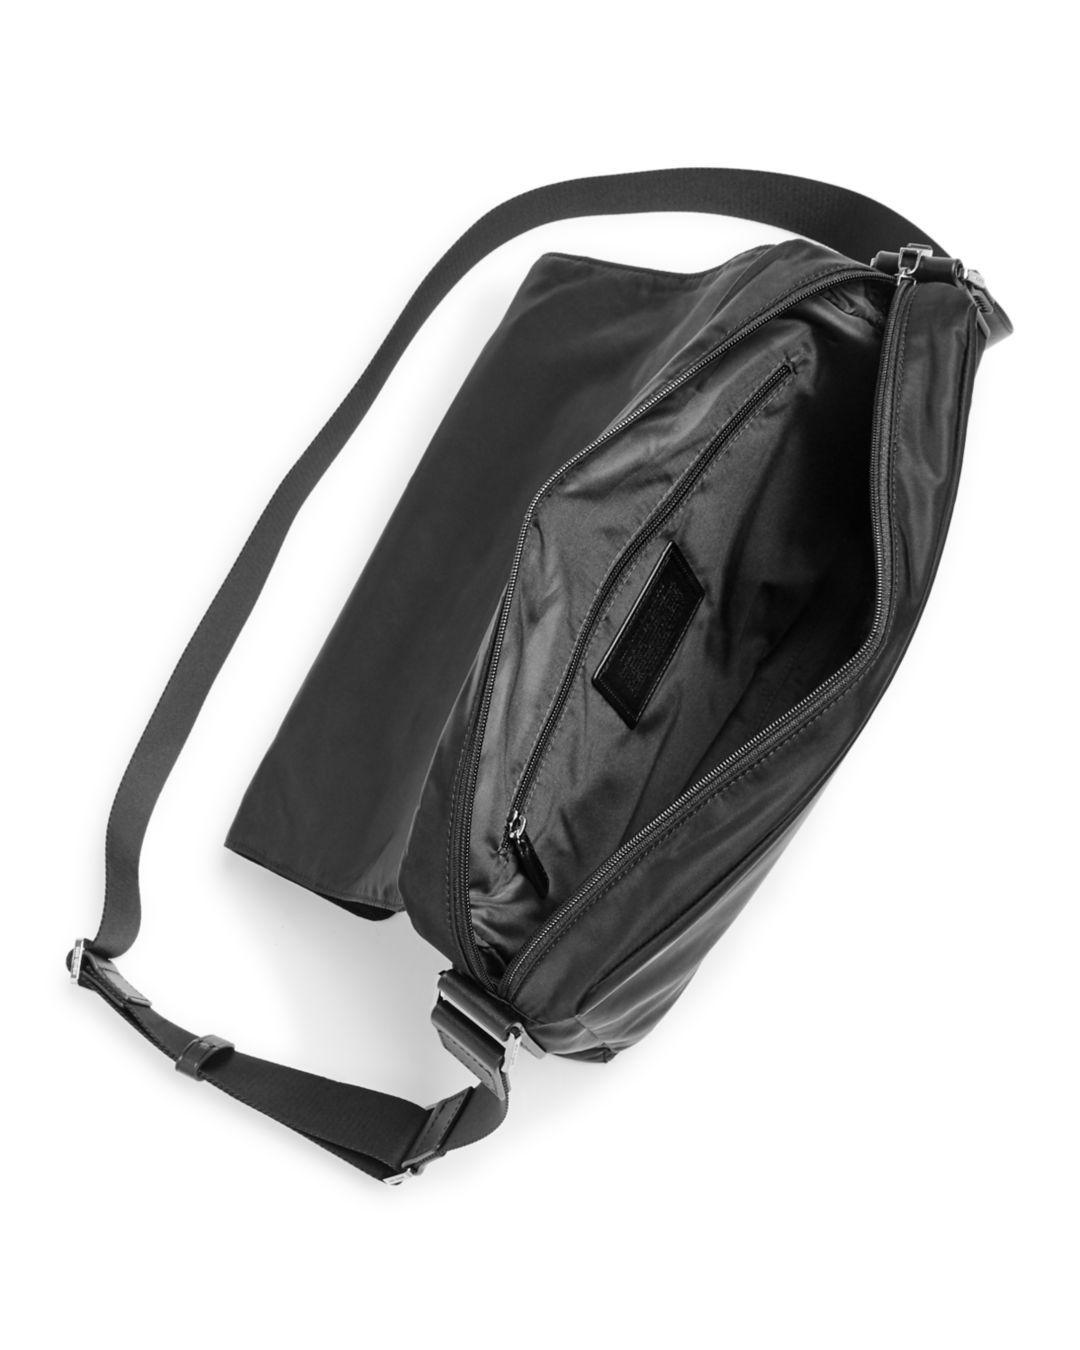 83492ddcebdd Michael Kors Kent Nylon Messenger Bag in Black for Men - Lyst